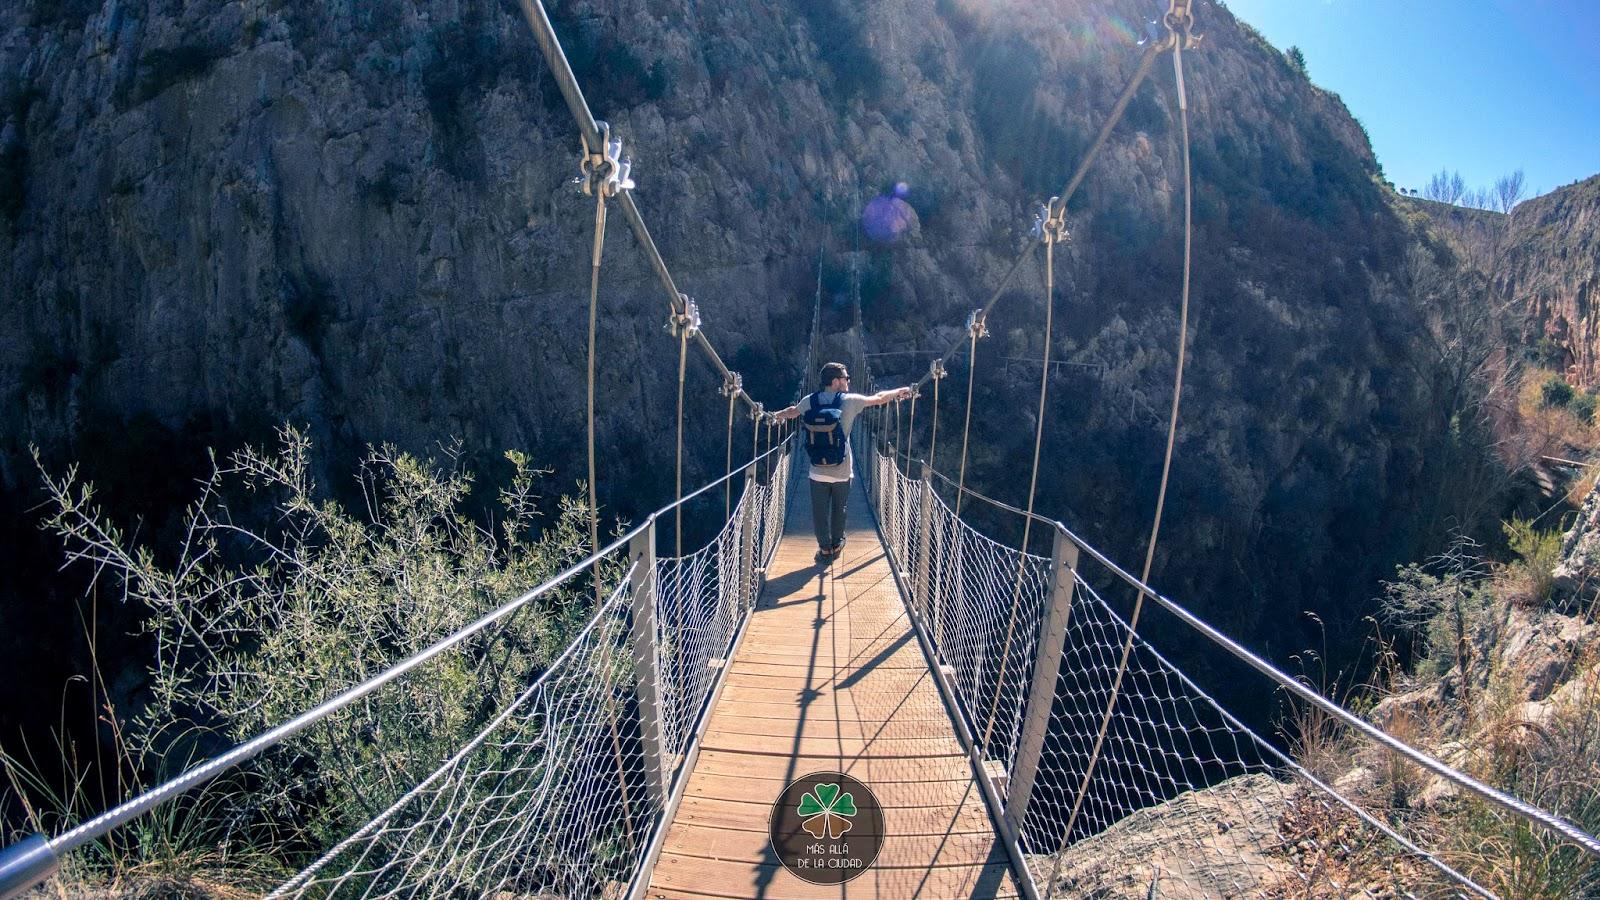 chulilla ruta puentes colgantes